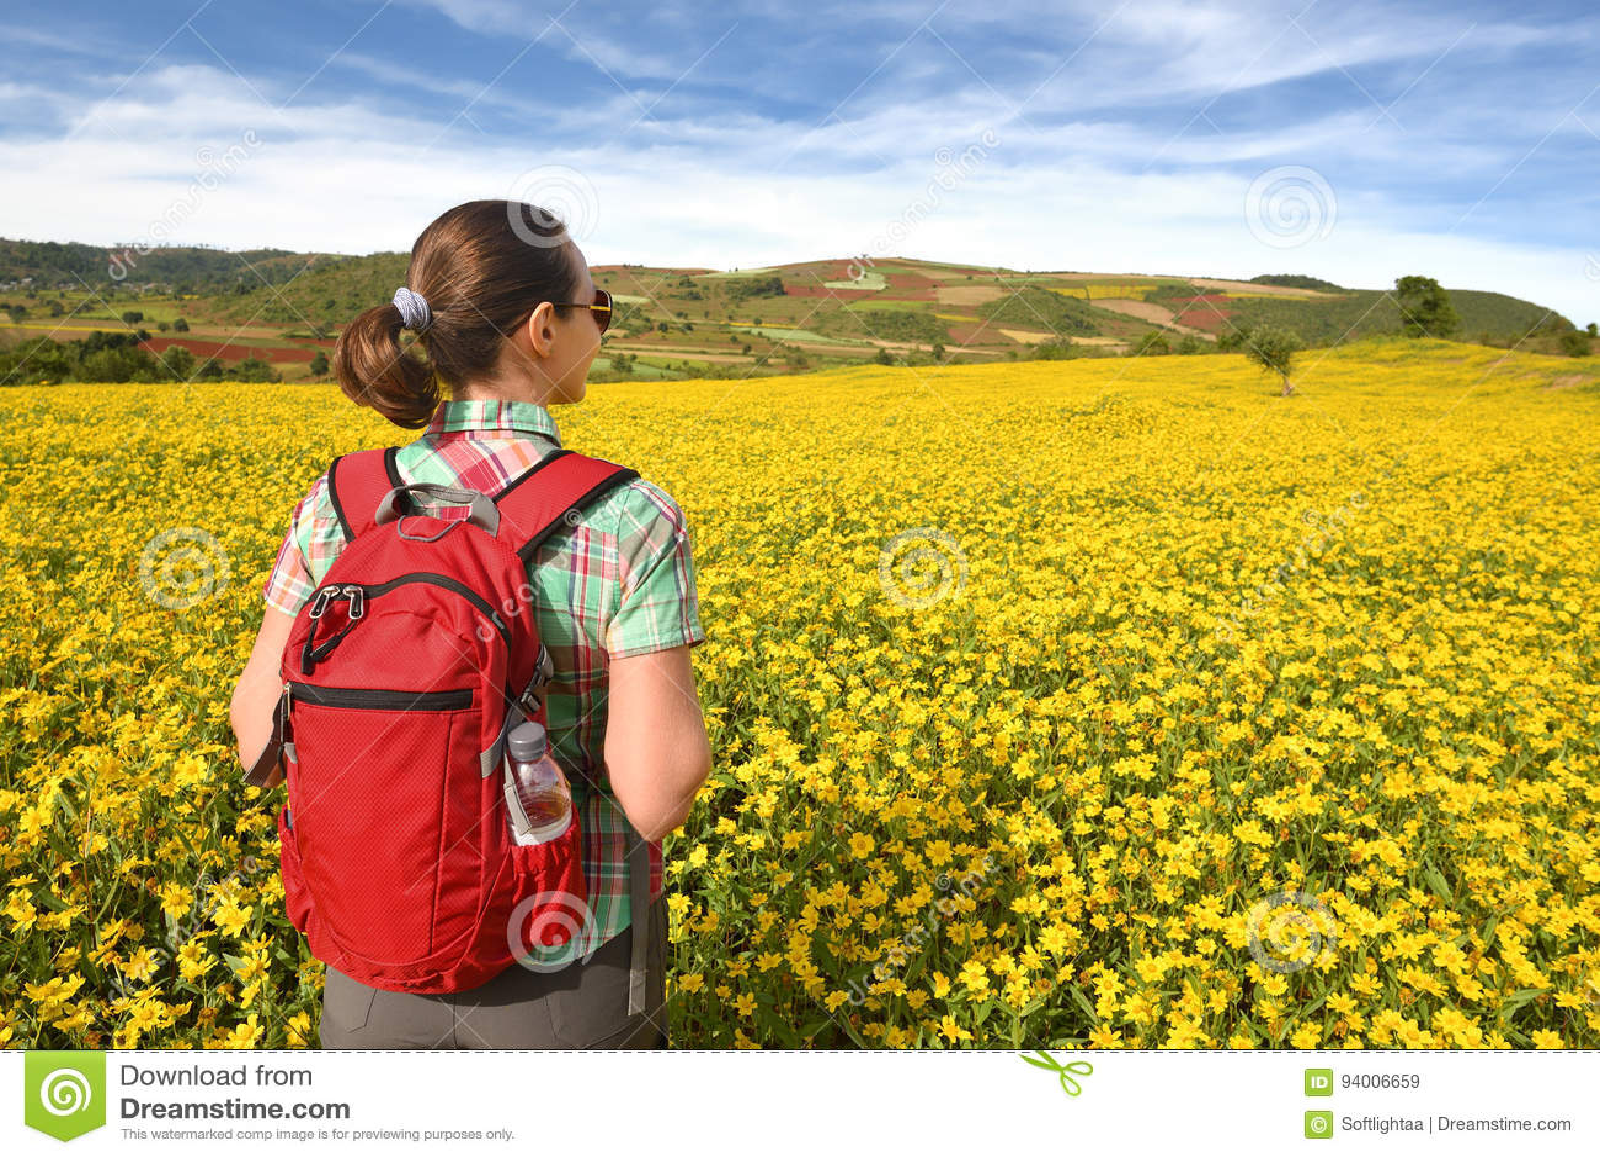 Wanderer mit Rucksack gehend durch Wiese auf Hintergrund von colo